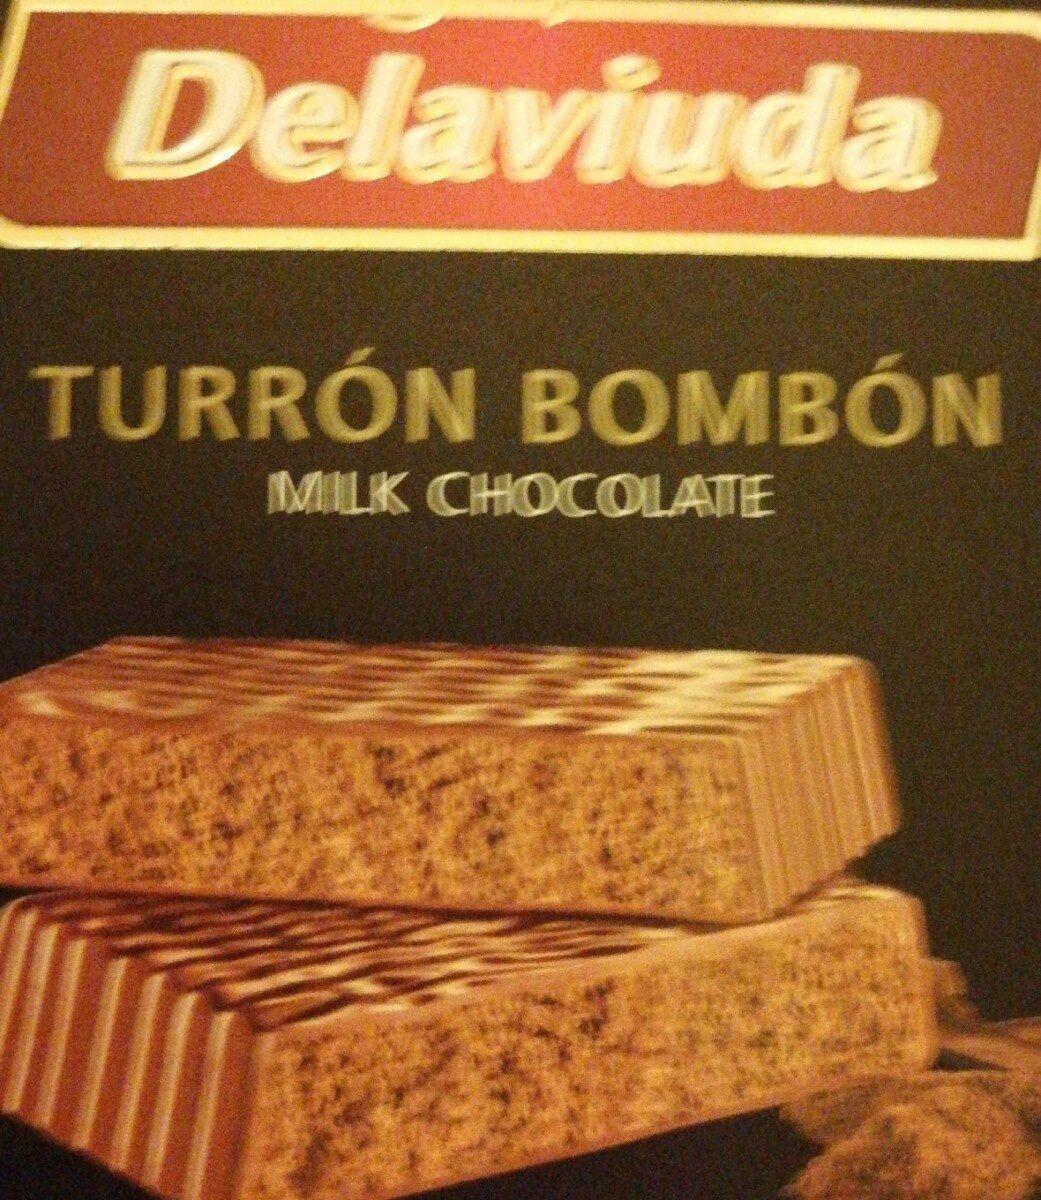 Pral. bombon+bom. turr Delav - Product